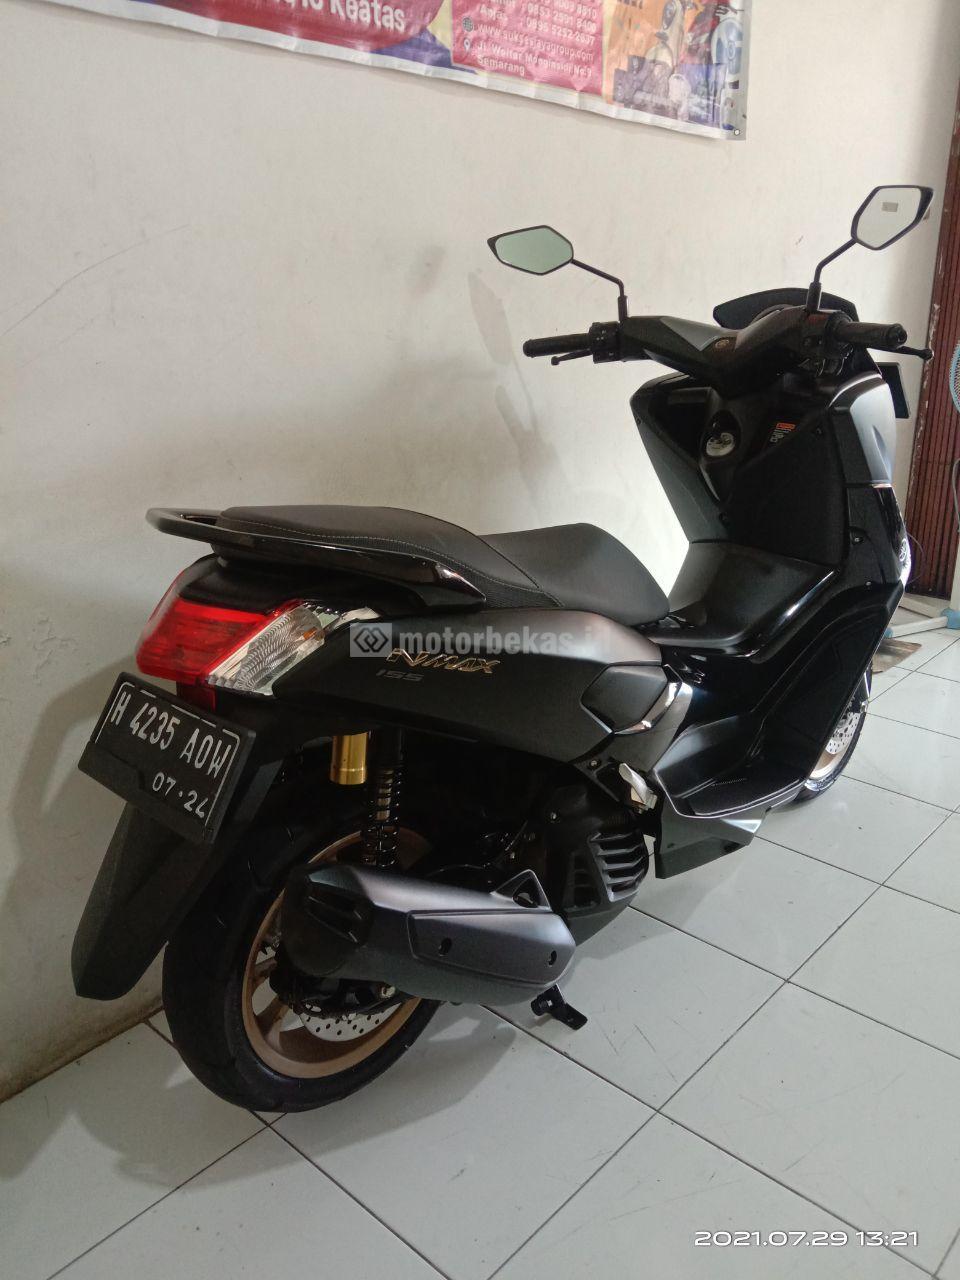 YAMAHA NMAX 155  3644 motorbekas.id